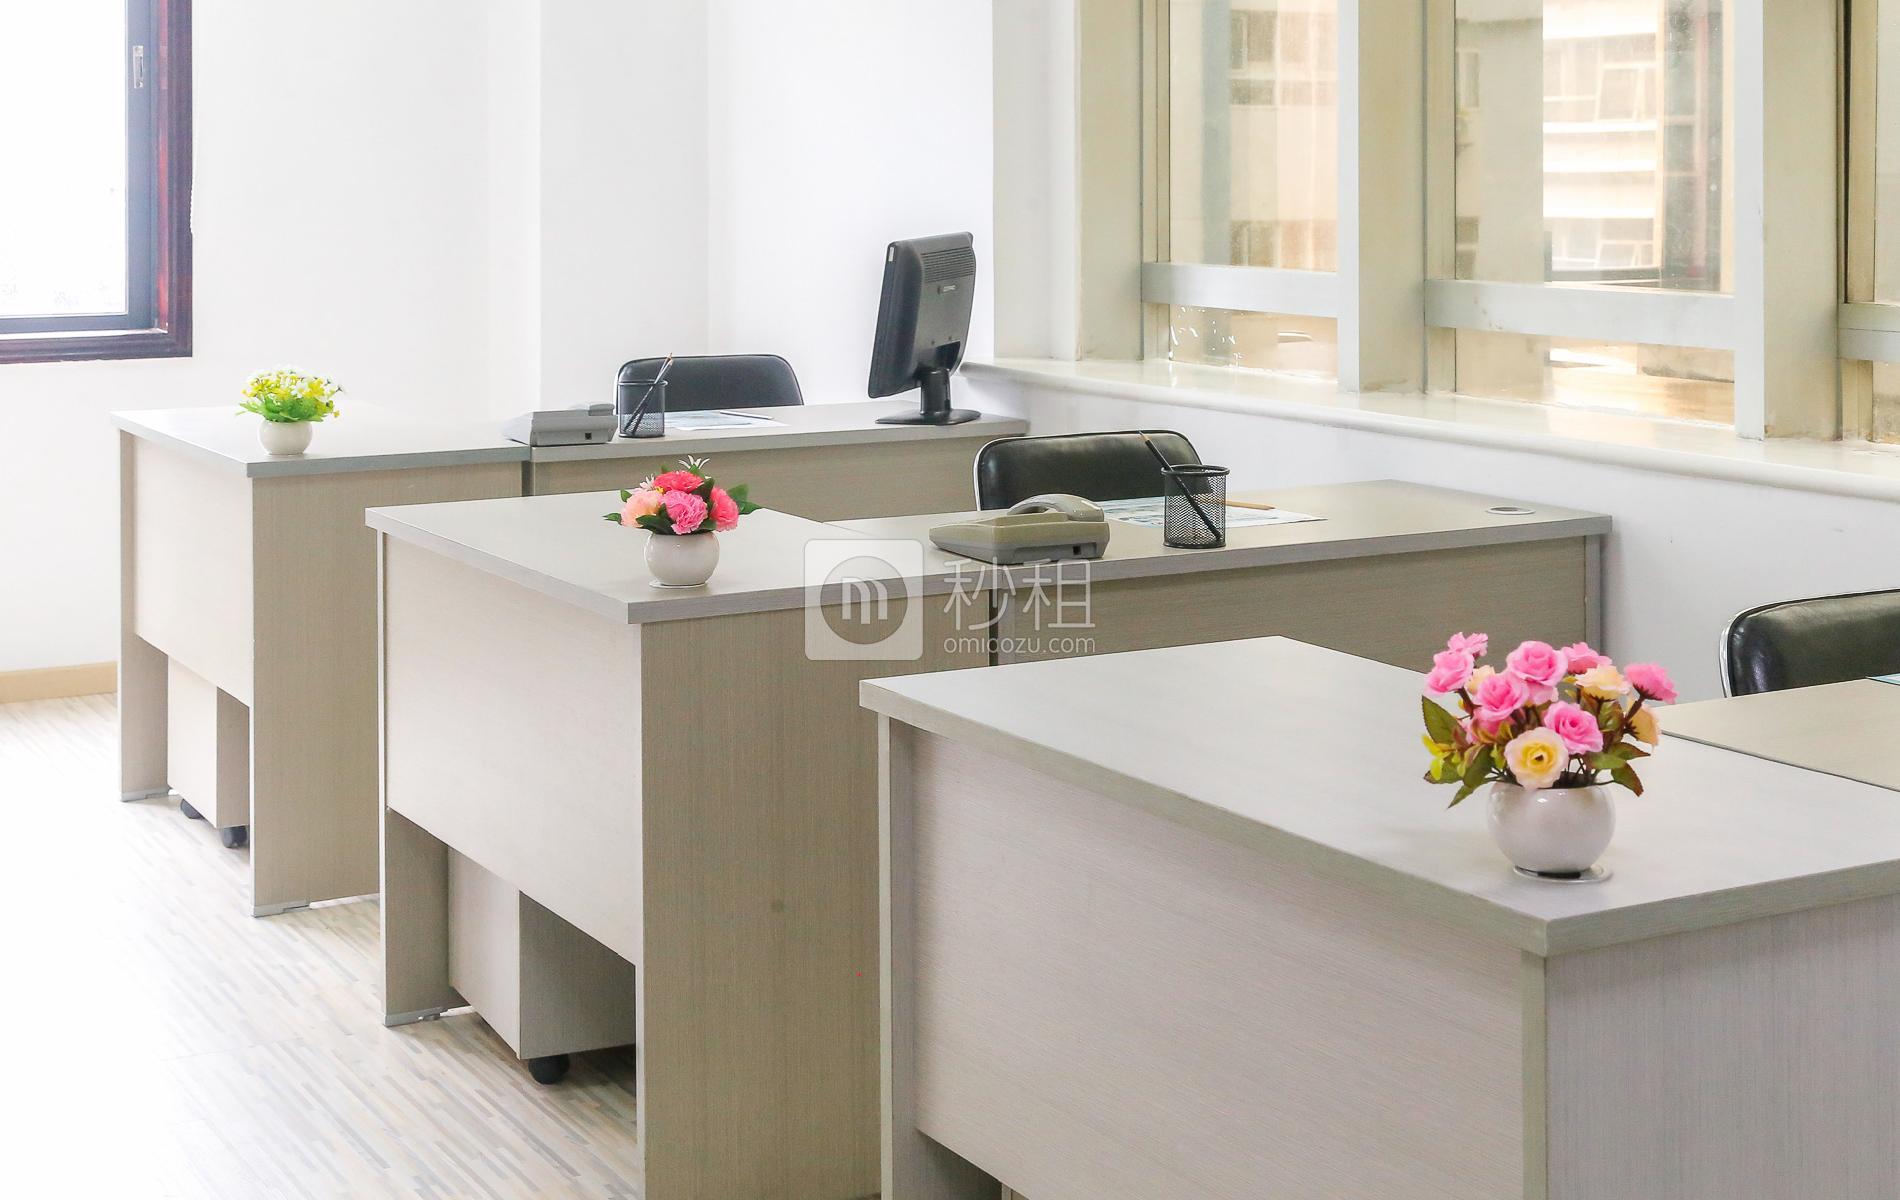 金晖大厦-创友商务中心写字楼出租60平米精装办公室8880元/间.月